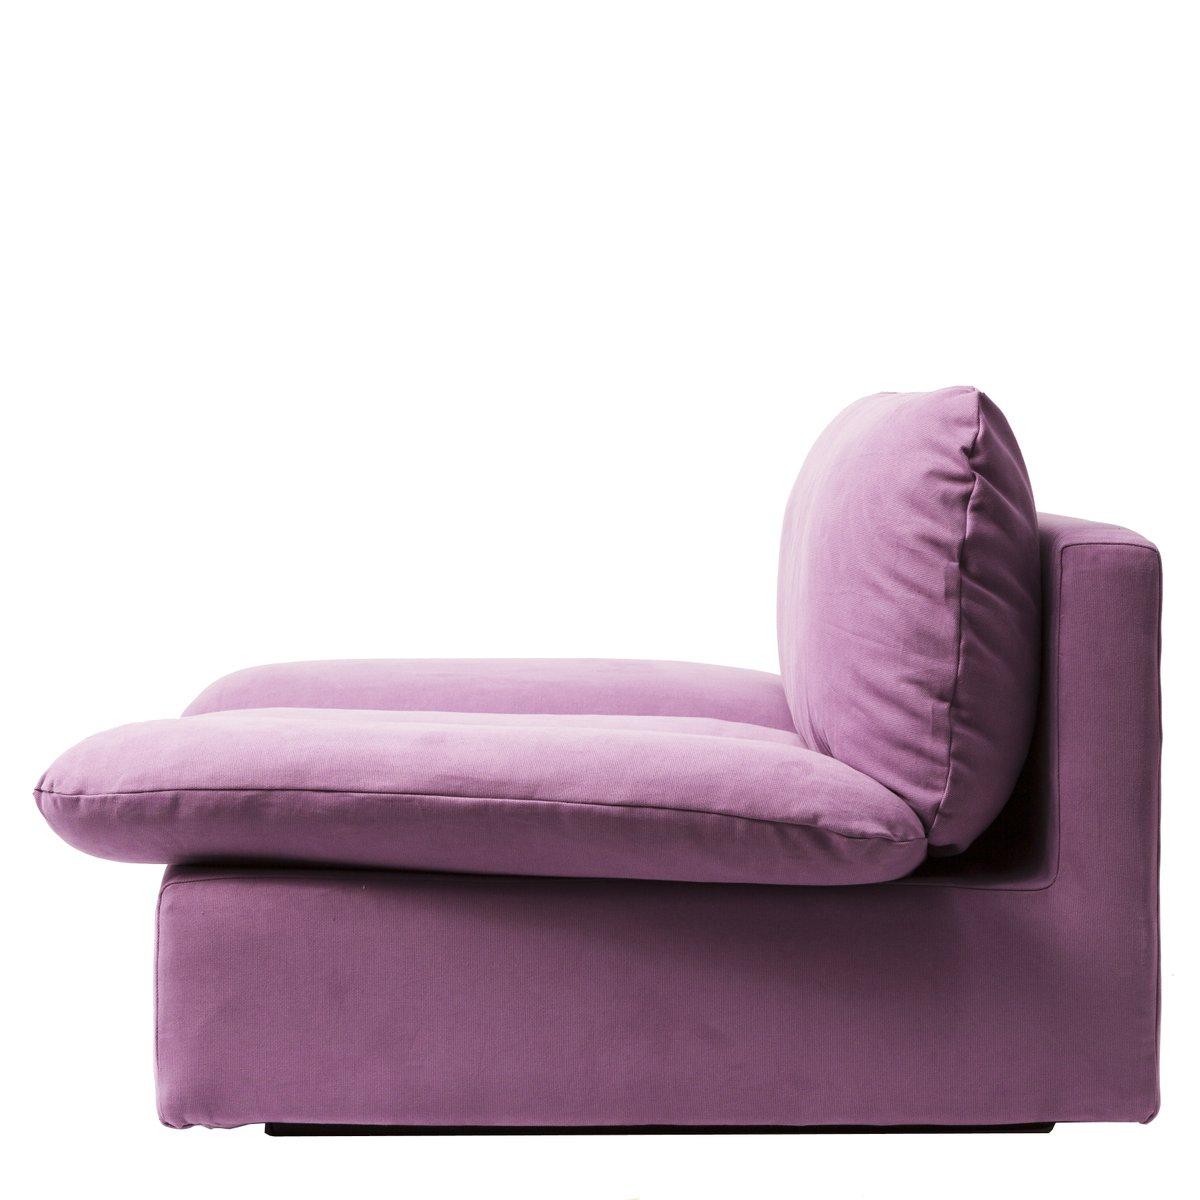 canap modulaire vintage cento per cento par de pas d. Black Bedroom Furniture Sets. Home Design Ideas